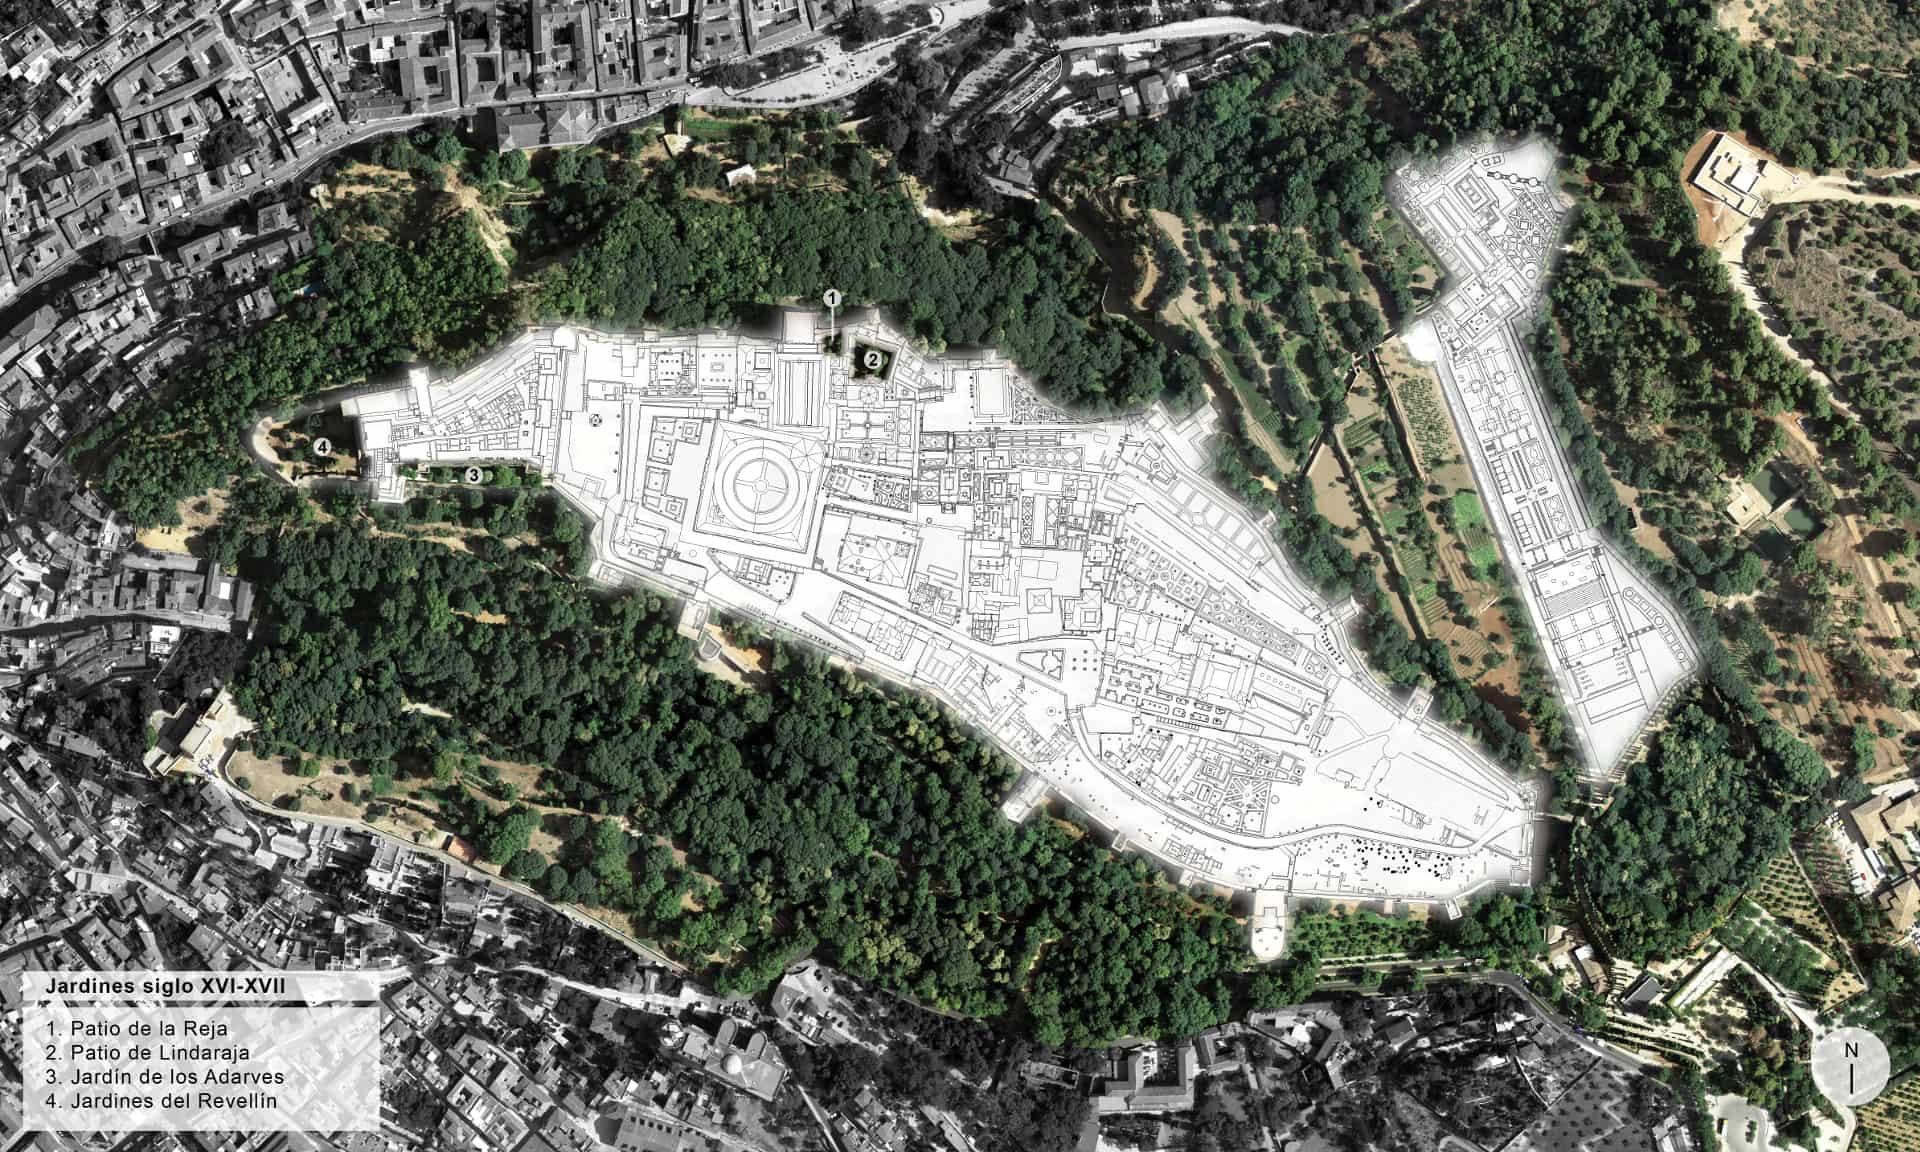 Durante los siglos XVI-XVII, podemos localizar los jardines renacentistas en los que destaca la geometría y el orden.